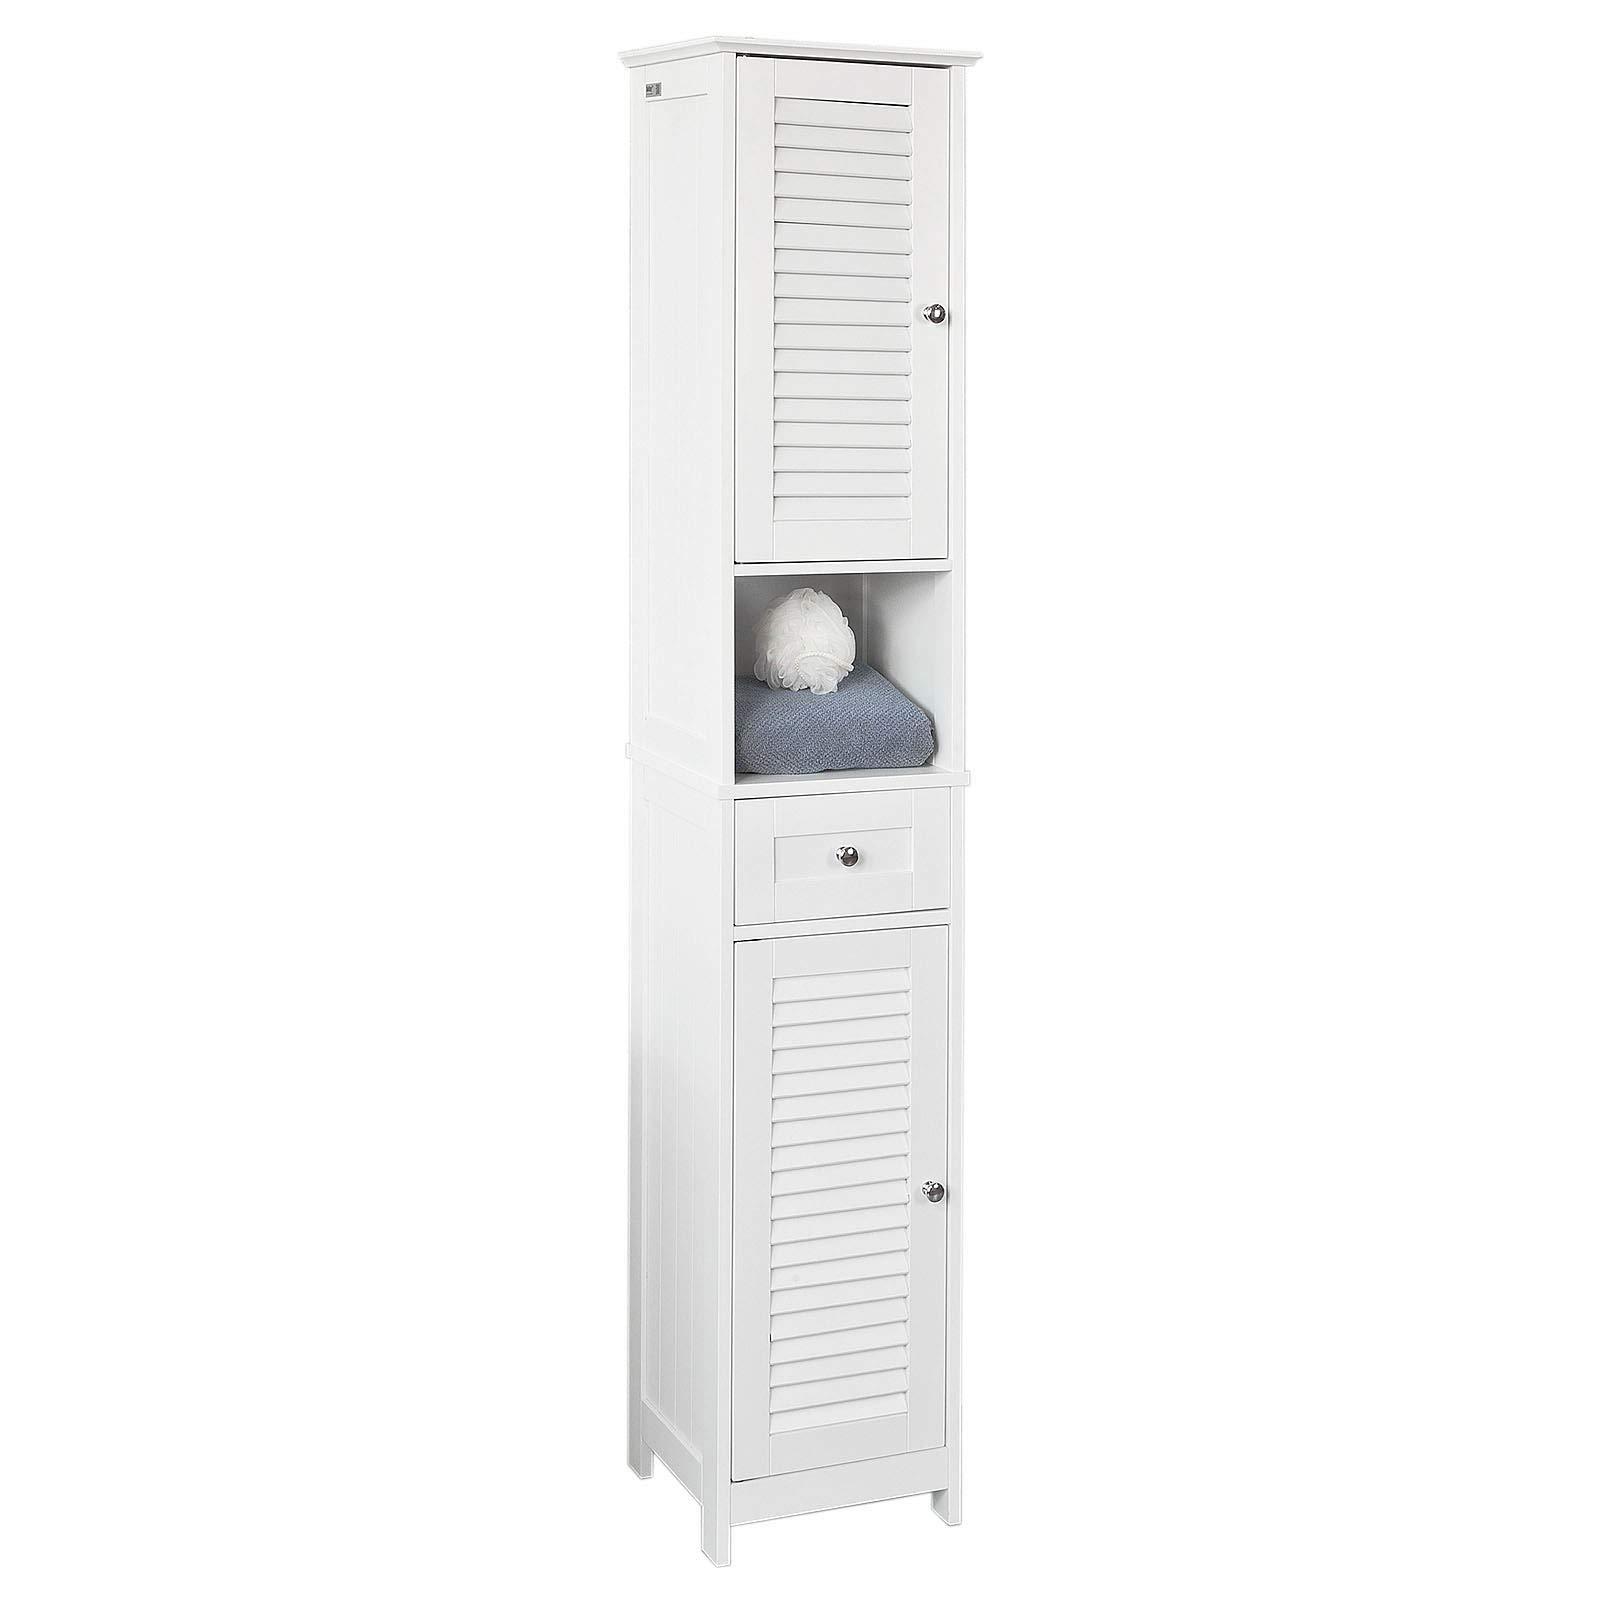 a2bec425c SoBuy Armario para baño Alto Mueble Columna de baño estanterías de baño-2  Puertas y